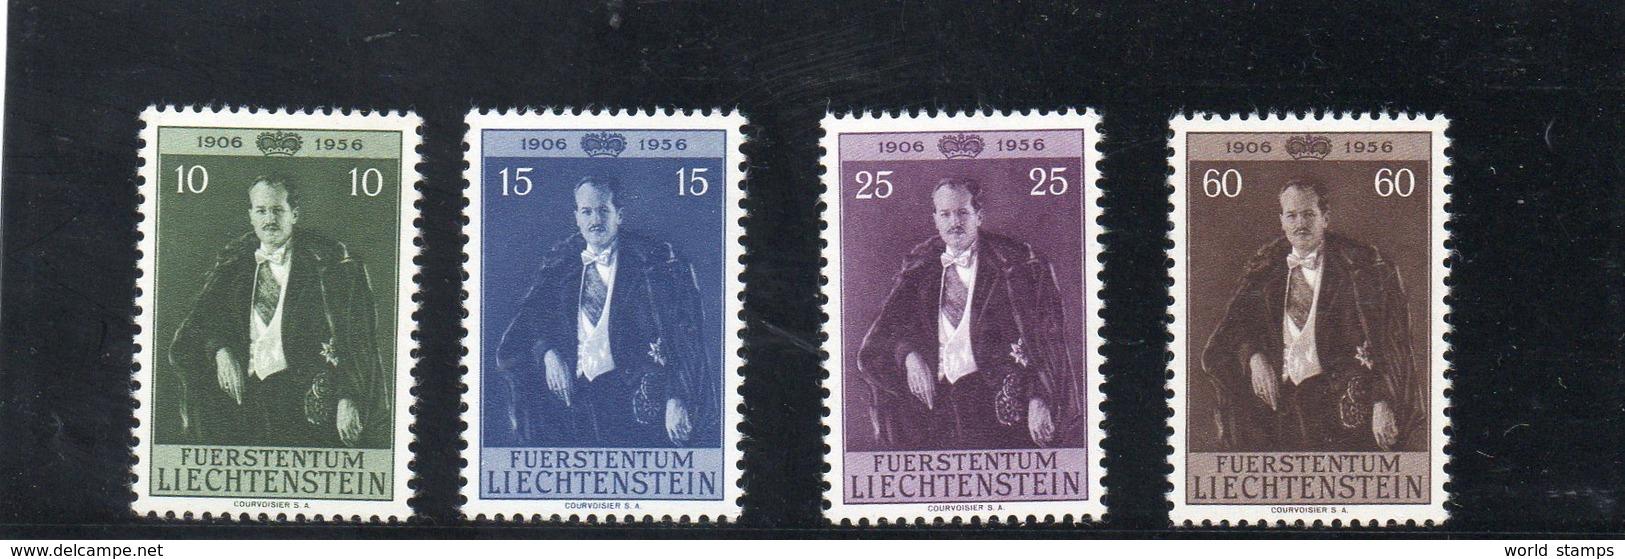 LIECHTENSTEIN 1956 ** - Liechtenstein